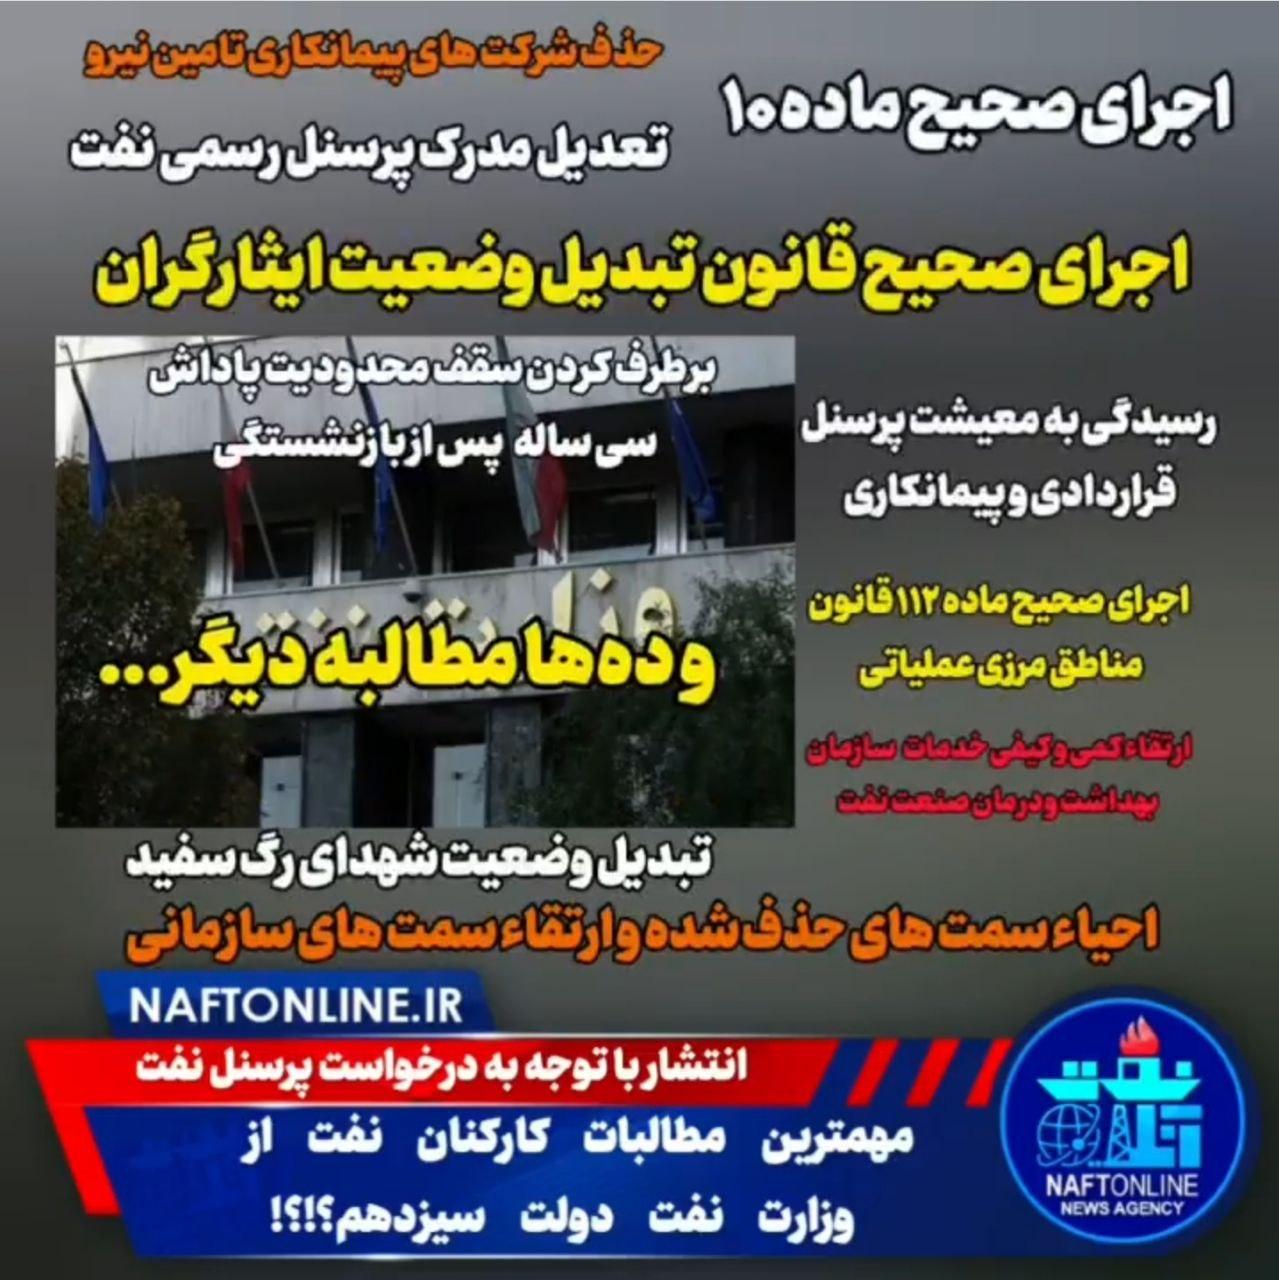 مطالبات کارکنان نفت از دولت سیزدهم